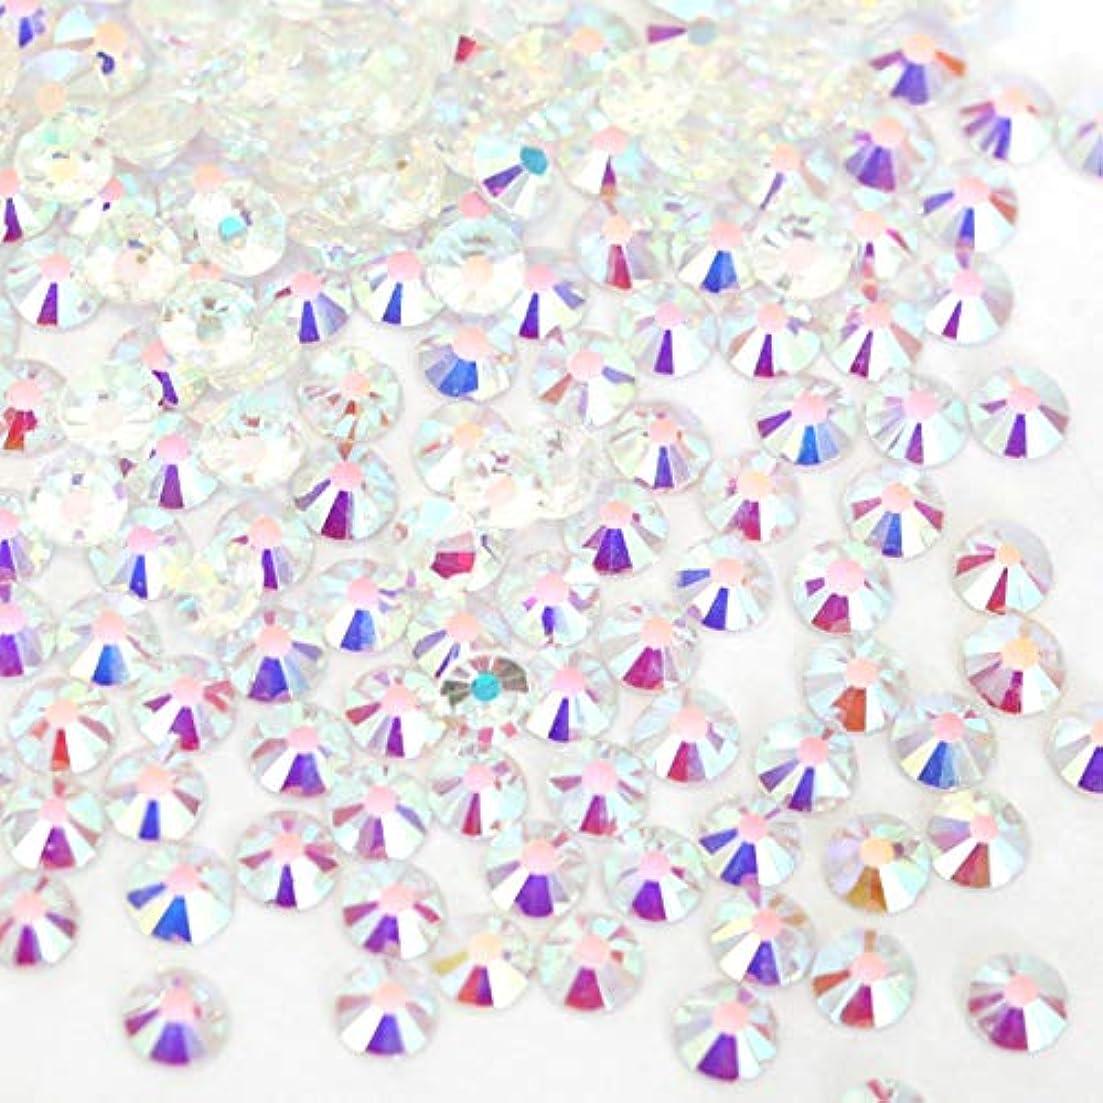 オセアニア新しさマーケティング【ラインストーン77】 ガラス製ラインストーン オーロラクリスタルアンホイル(透明底)各サイズ選択可能 スワロフスキー同等 (SS16 約150粒)